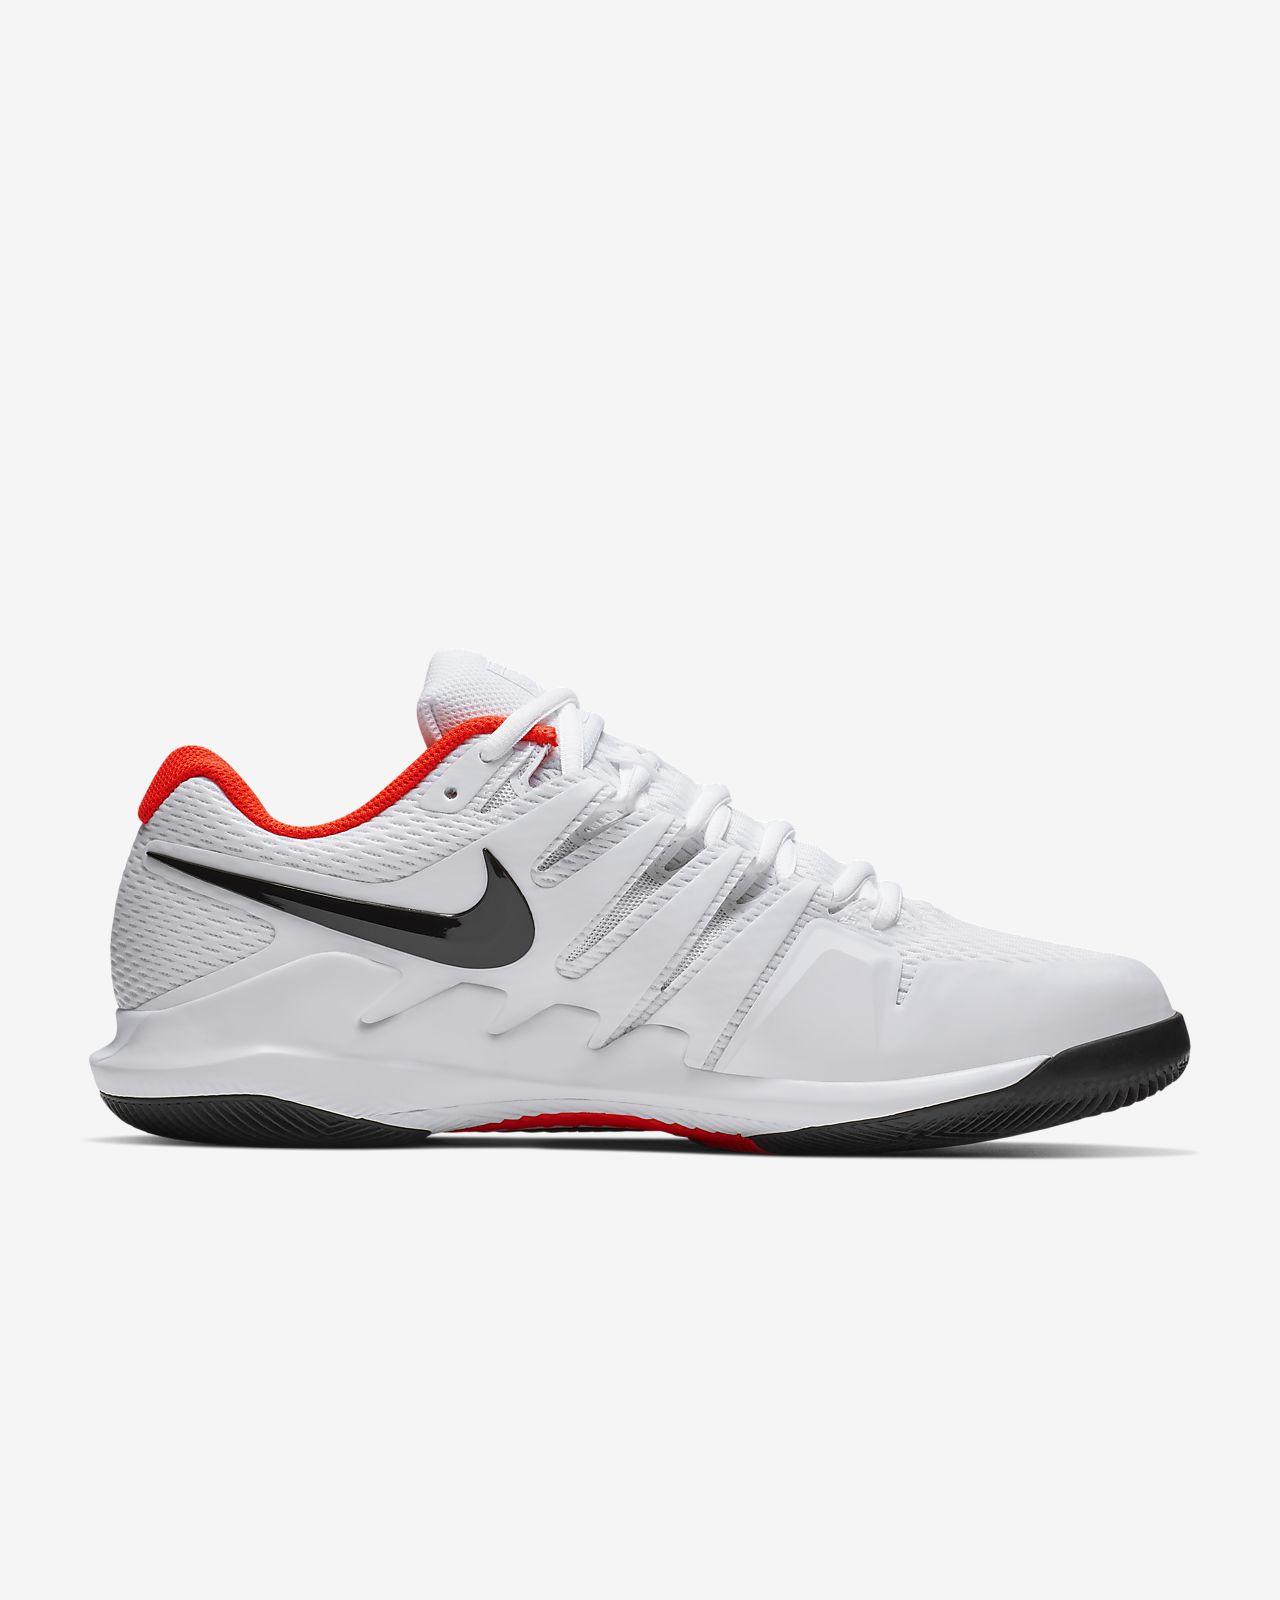 newest 9b962 19517 ... Chaussure de tennis pour surface dure NikeCourt Air Zoom Vapor X pour  Homme